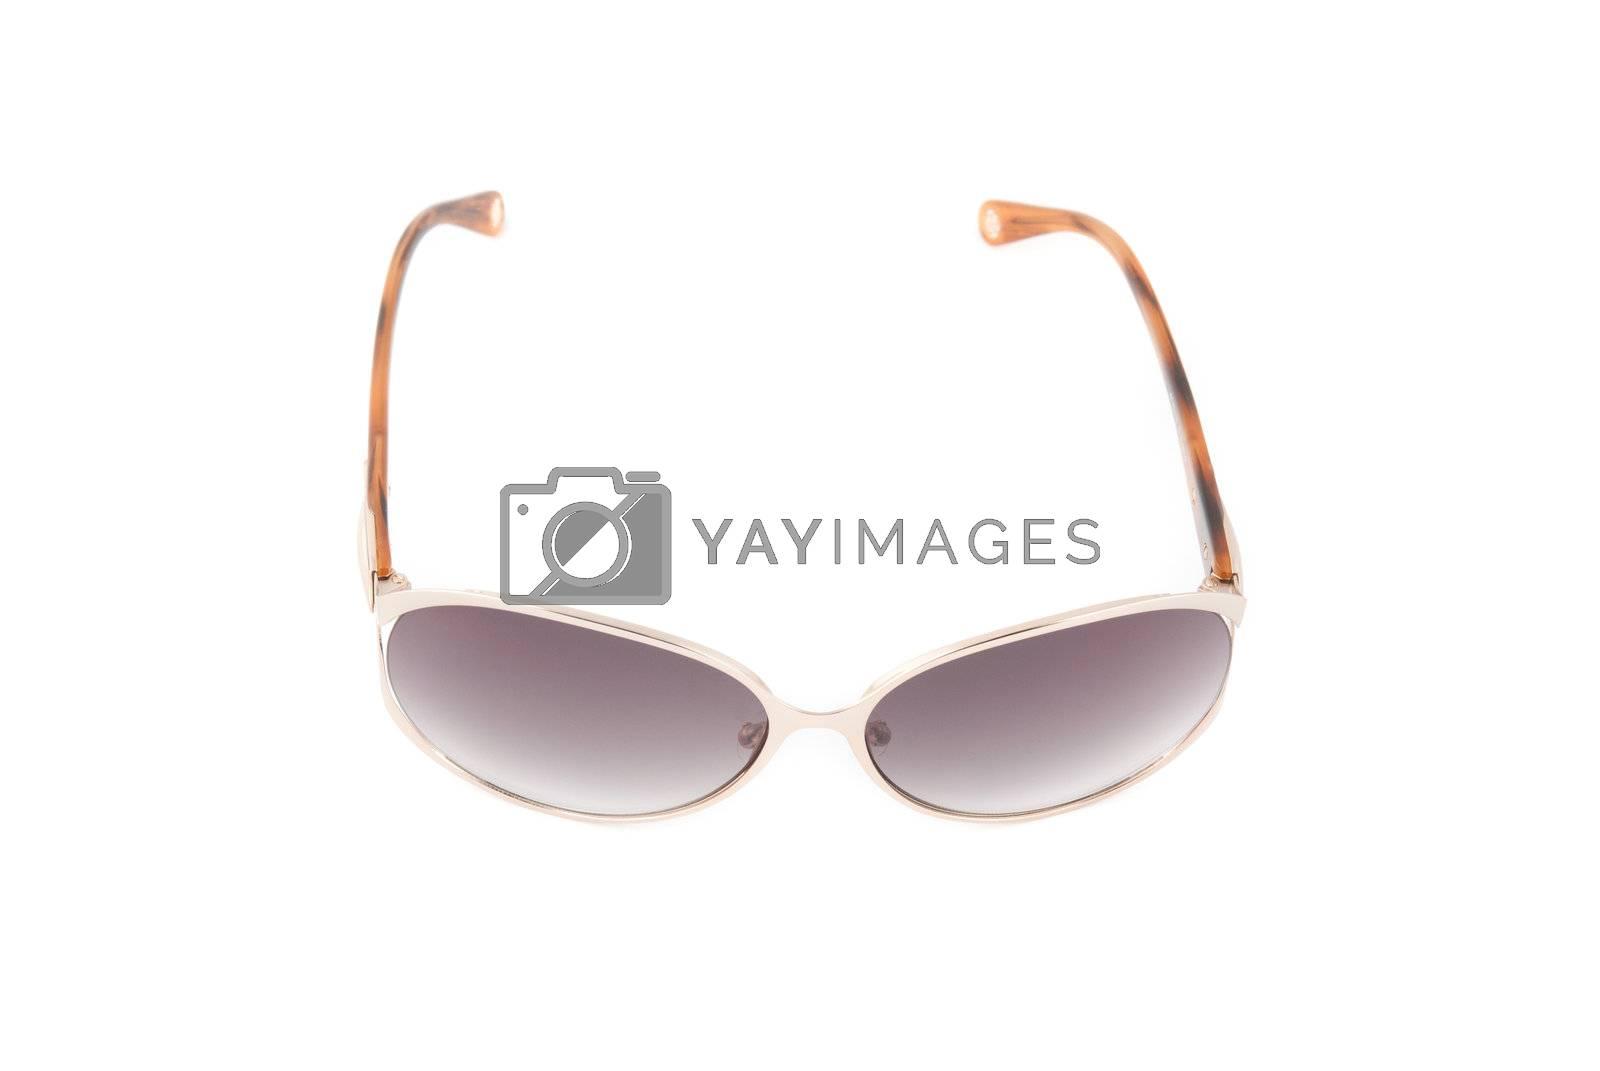 Sunglasses by rusak